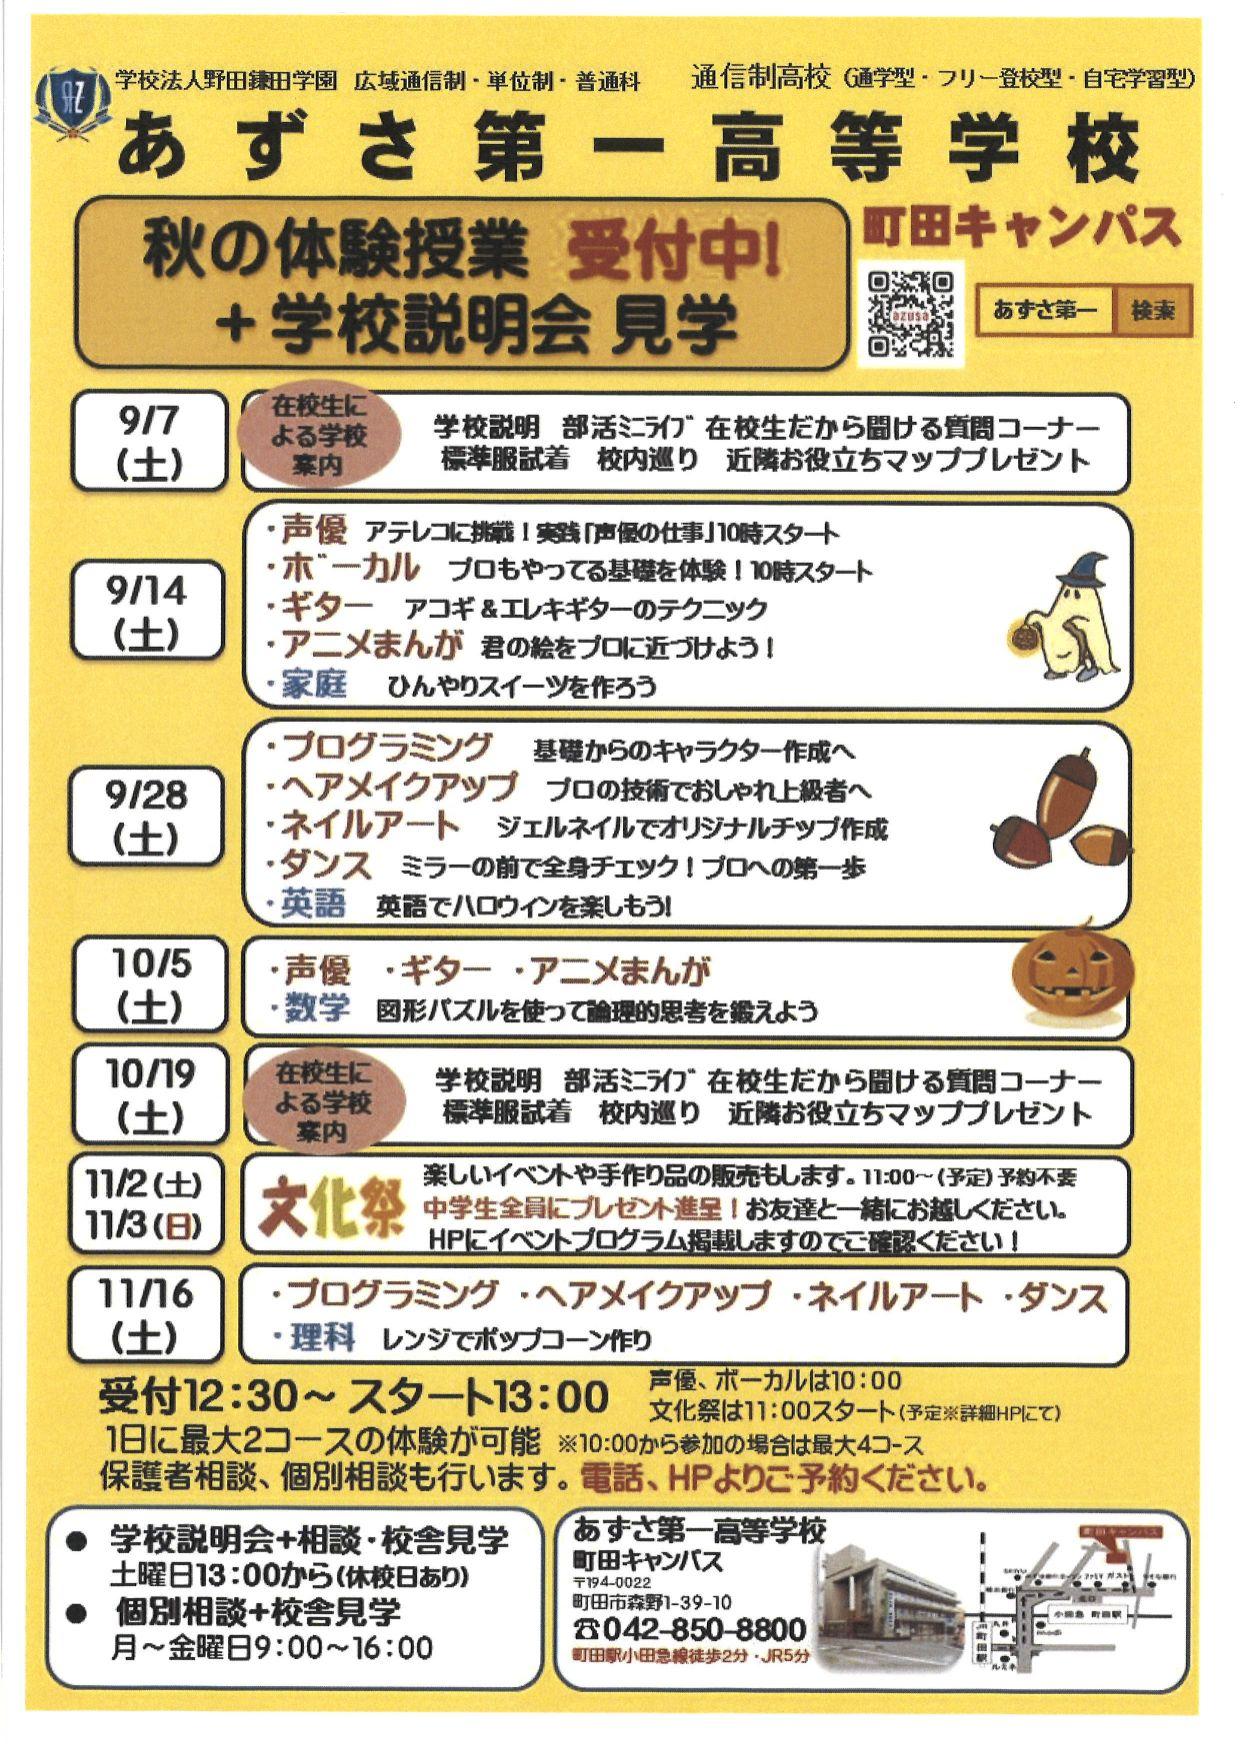 町田キャンパス 秋の体験授業&学校説明会 image1